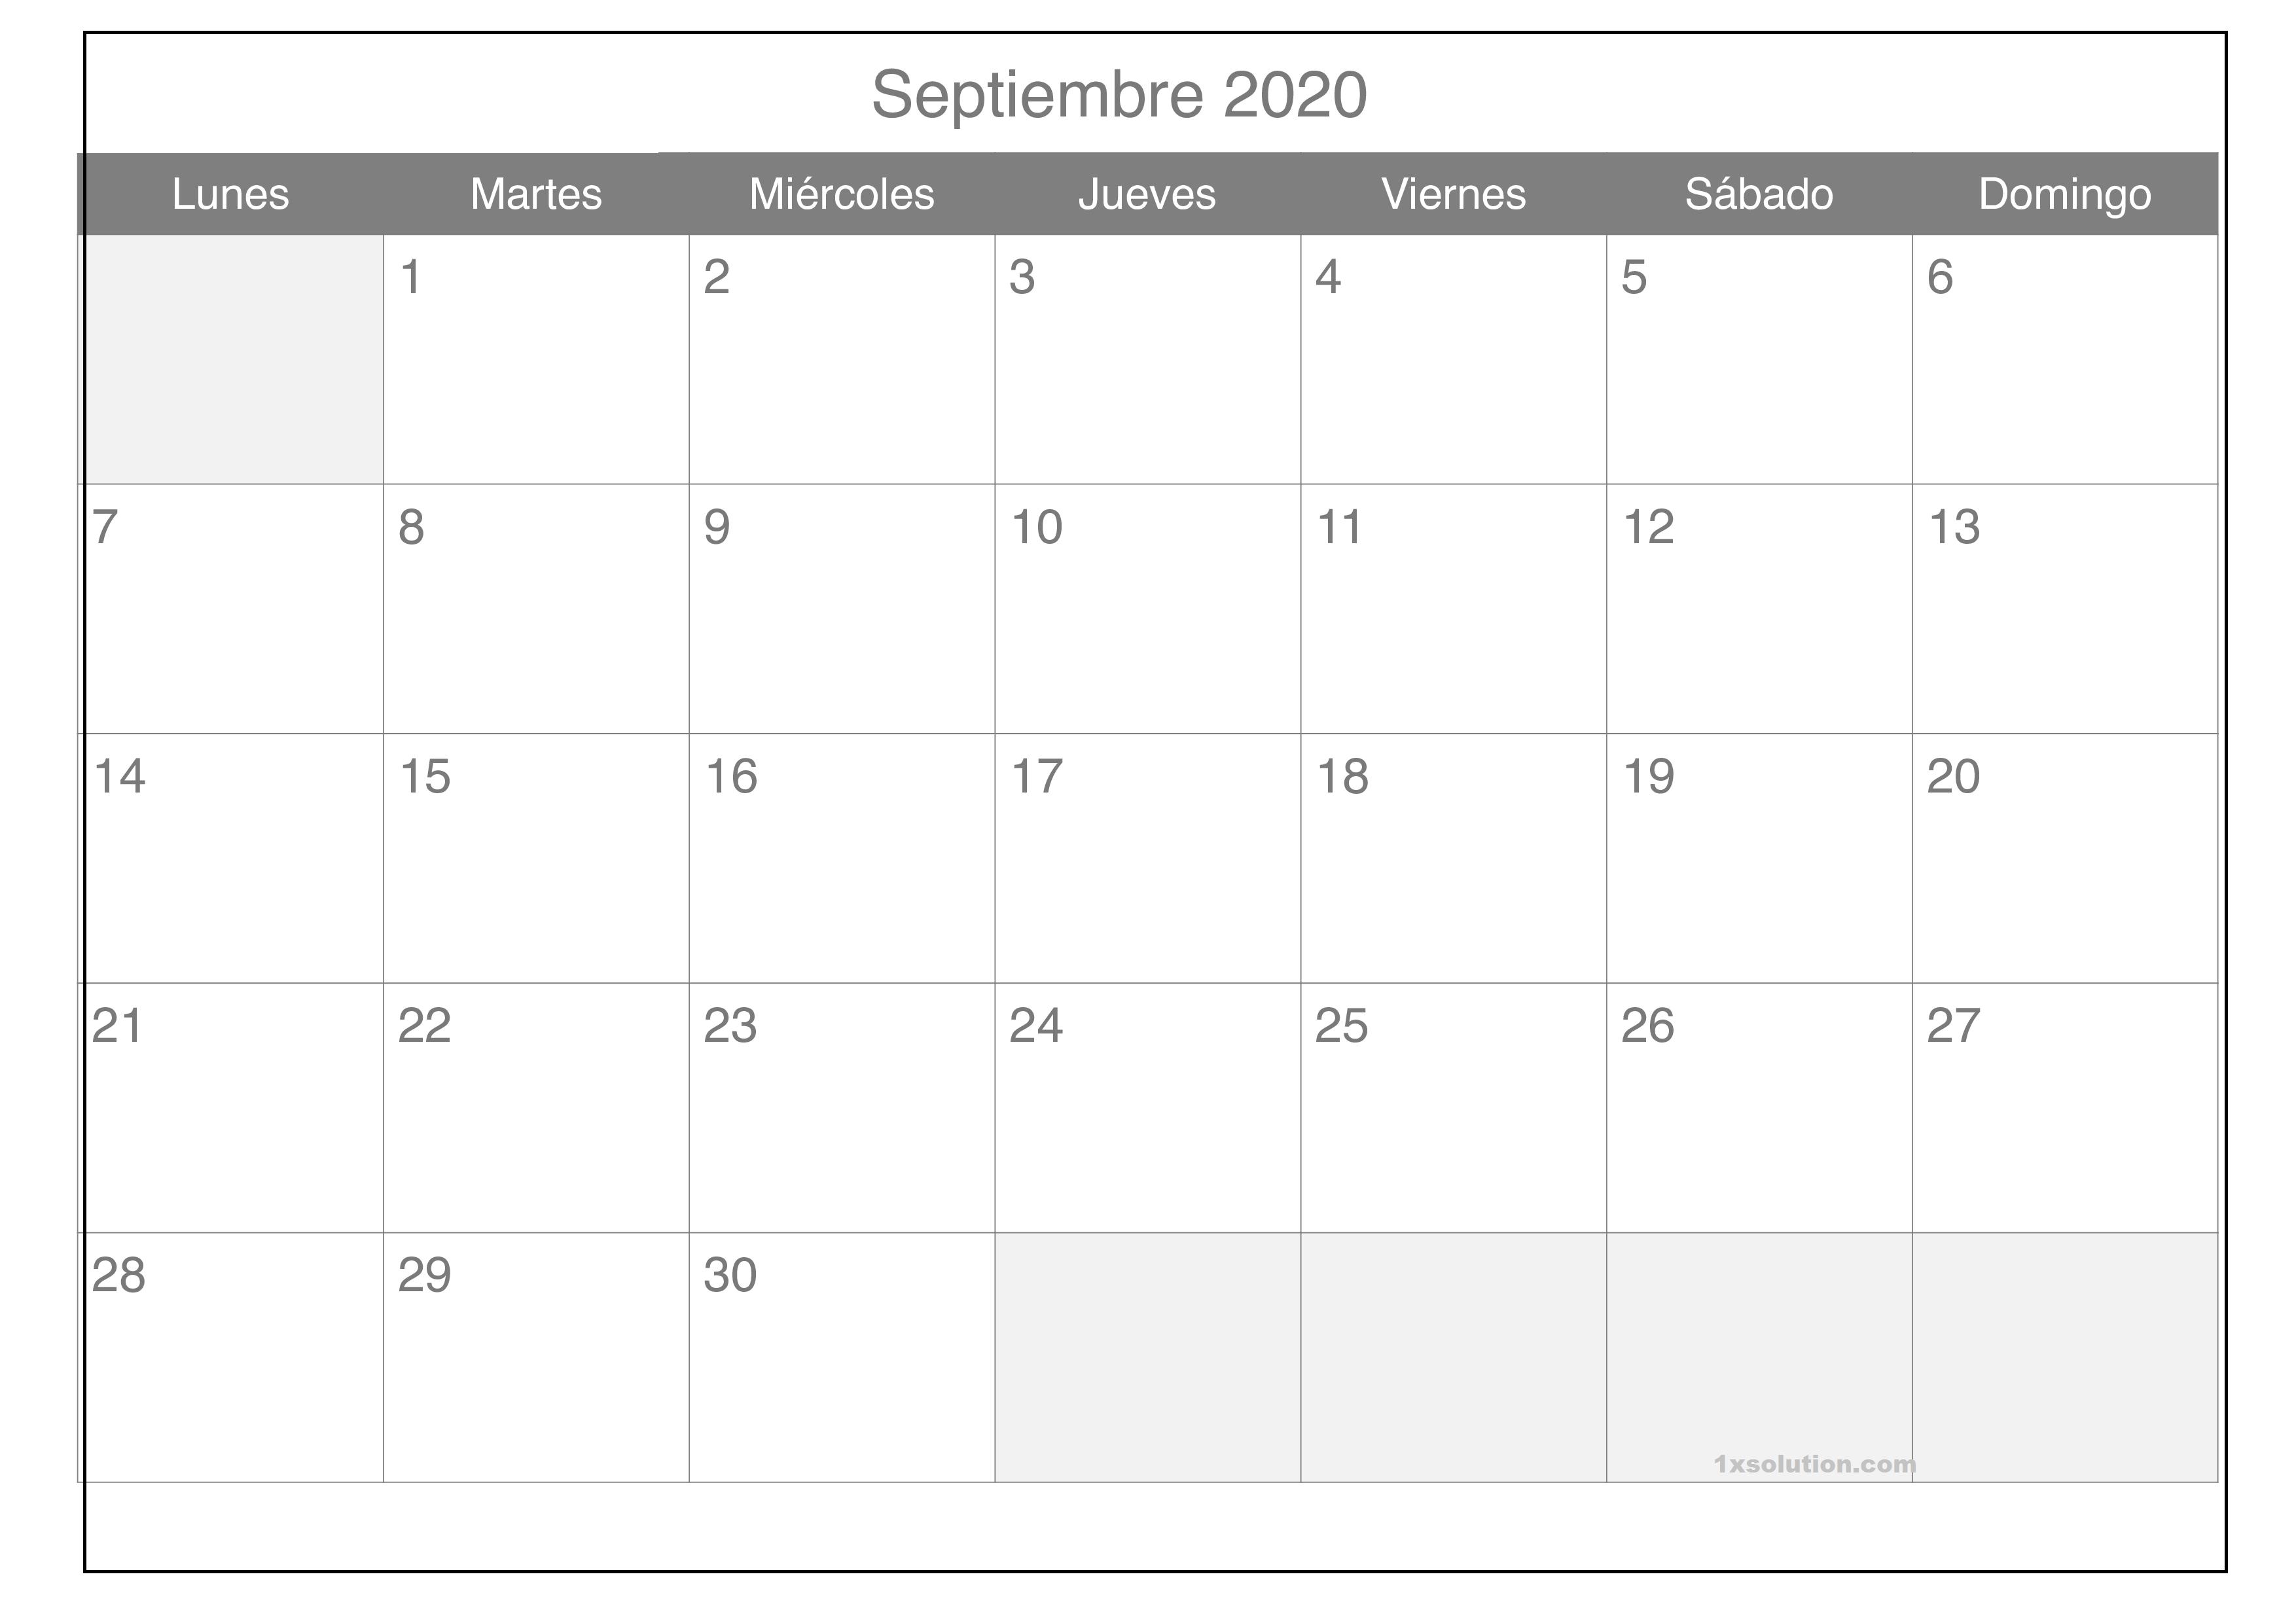 Impresión Calendario Septiembre 2020